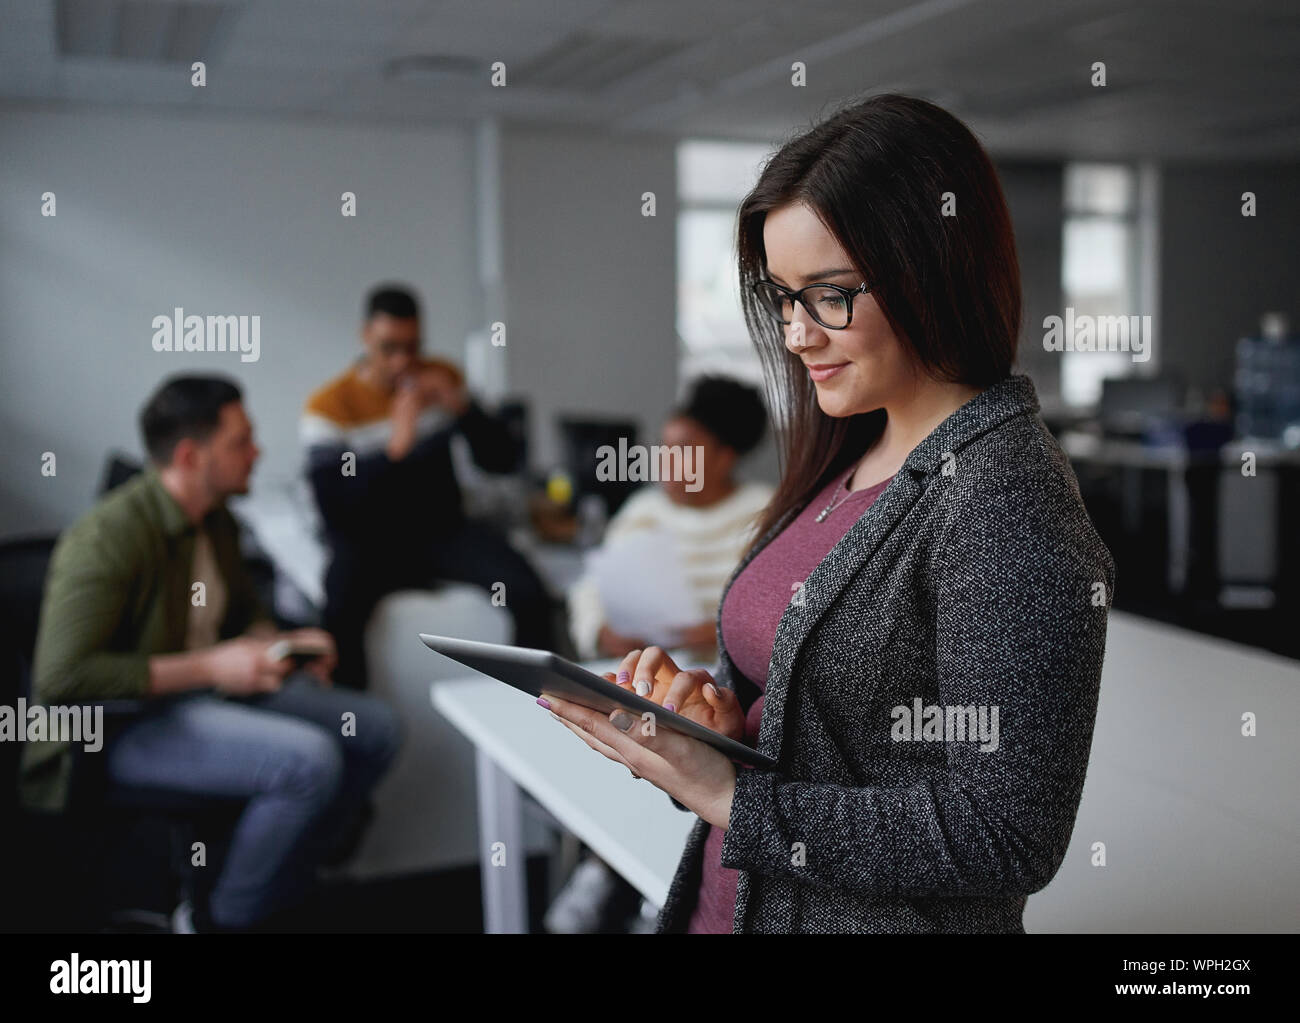 Happy young businesswoman using digital tablet in office et ses collègues discuter en arrière-plan Banque D'Images